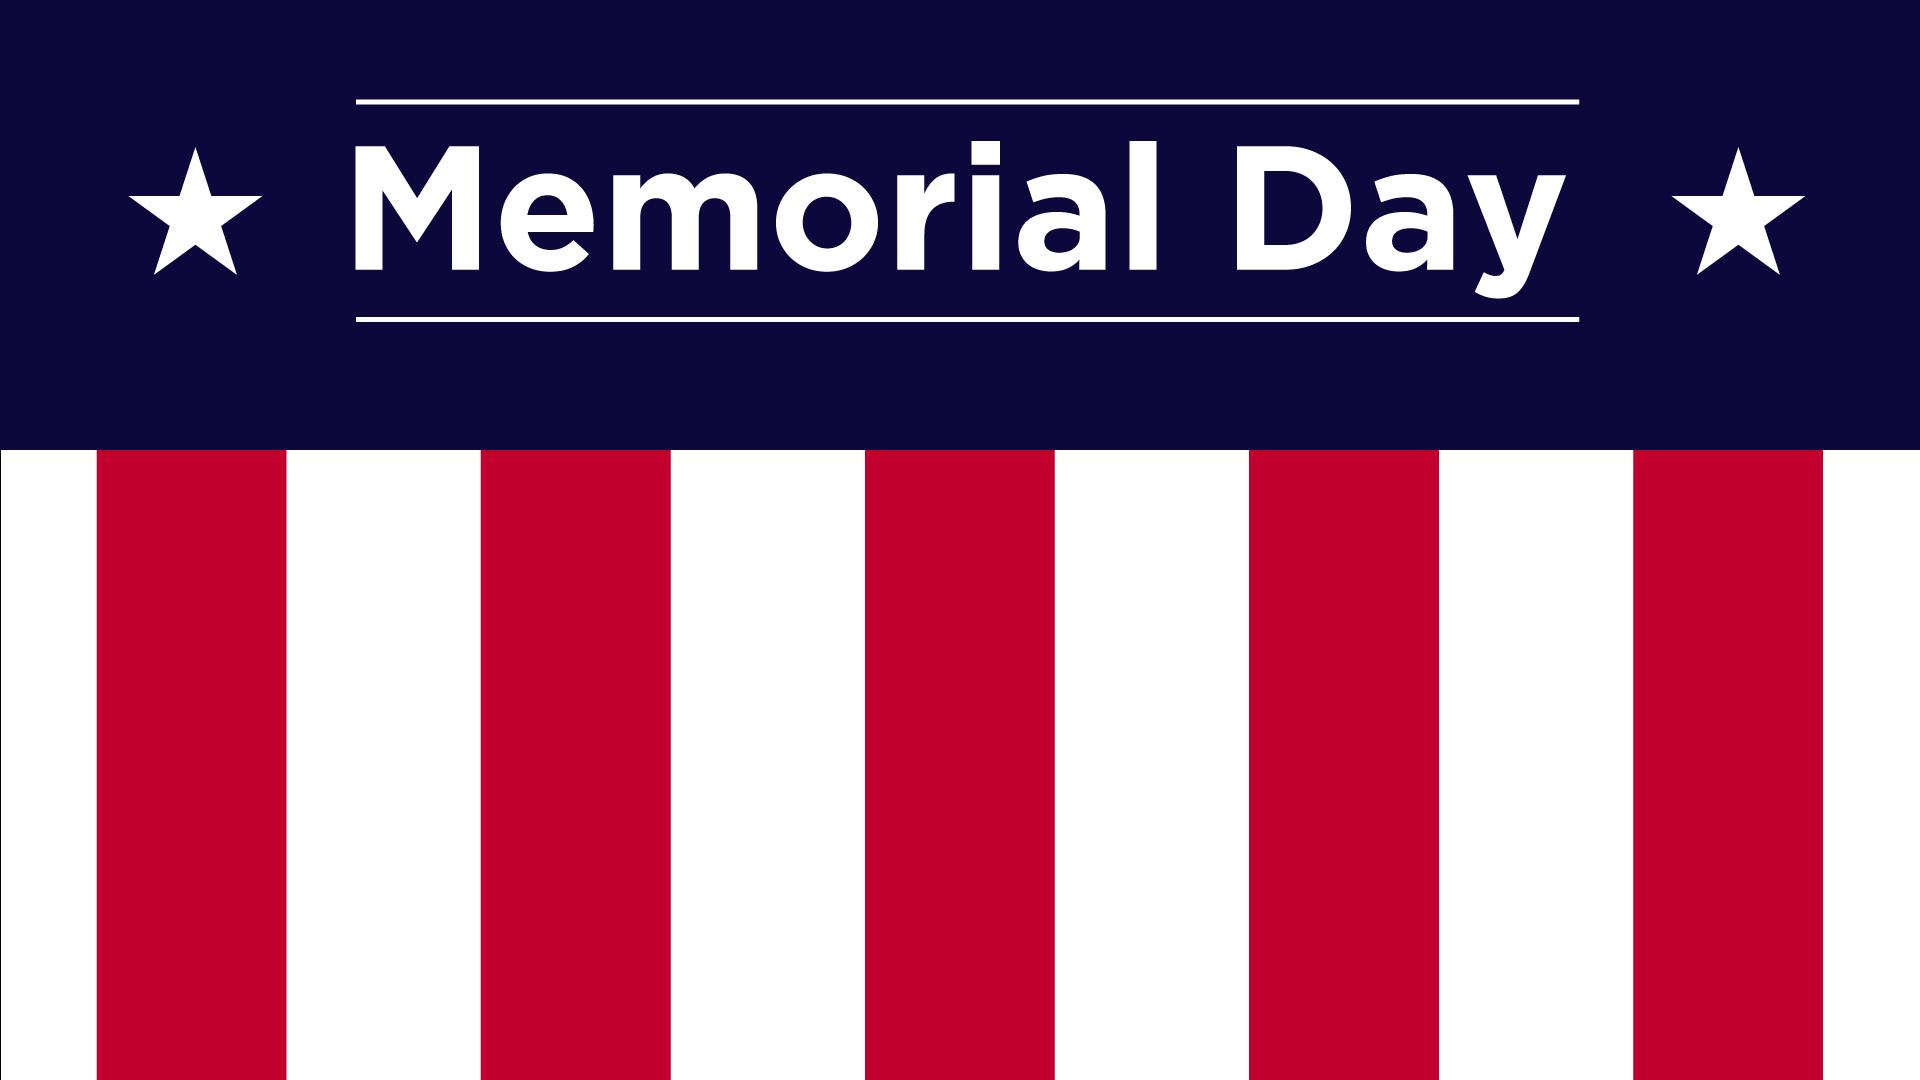 memorial day blog banner agj_1